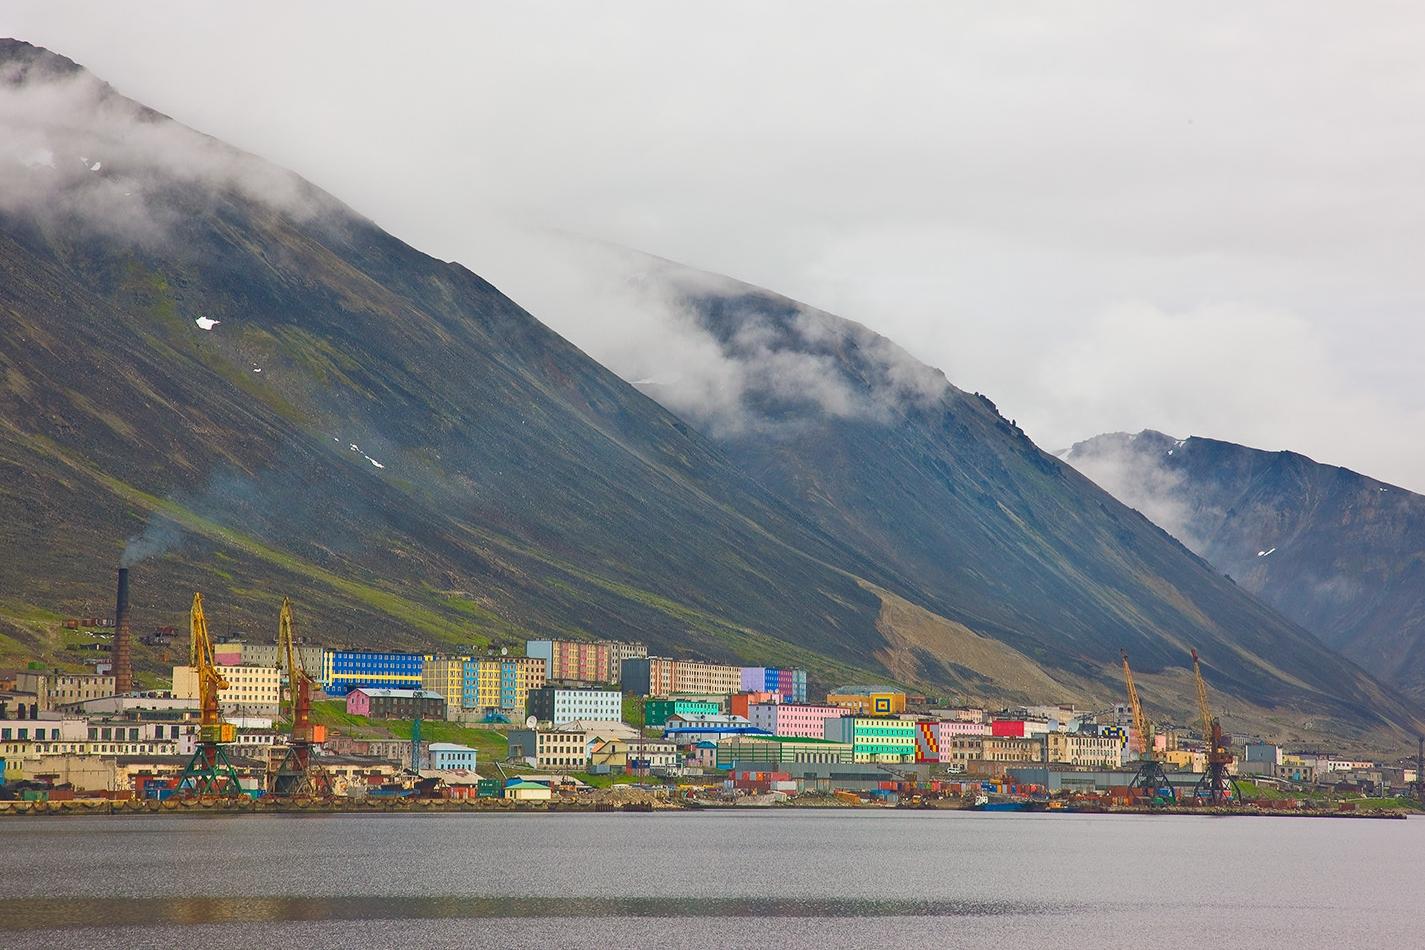 Provideniya, Chukotka Autonomous Okrug